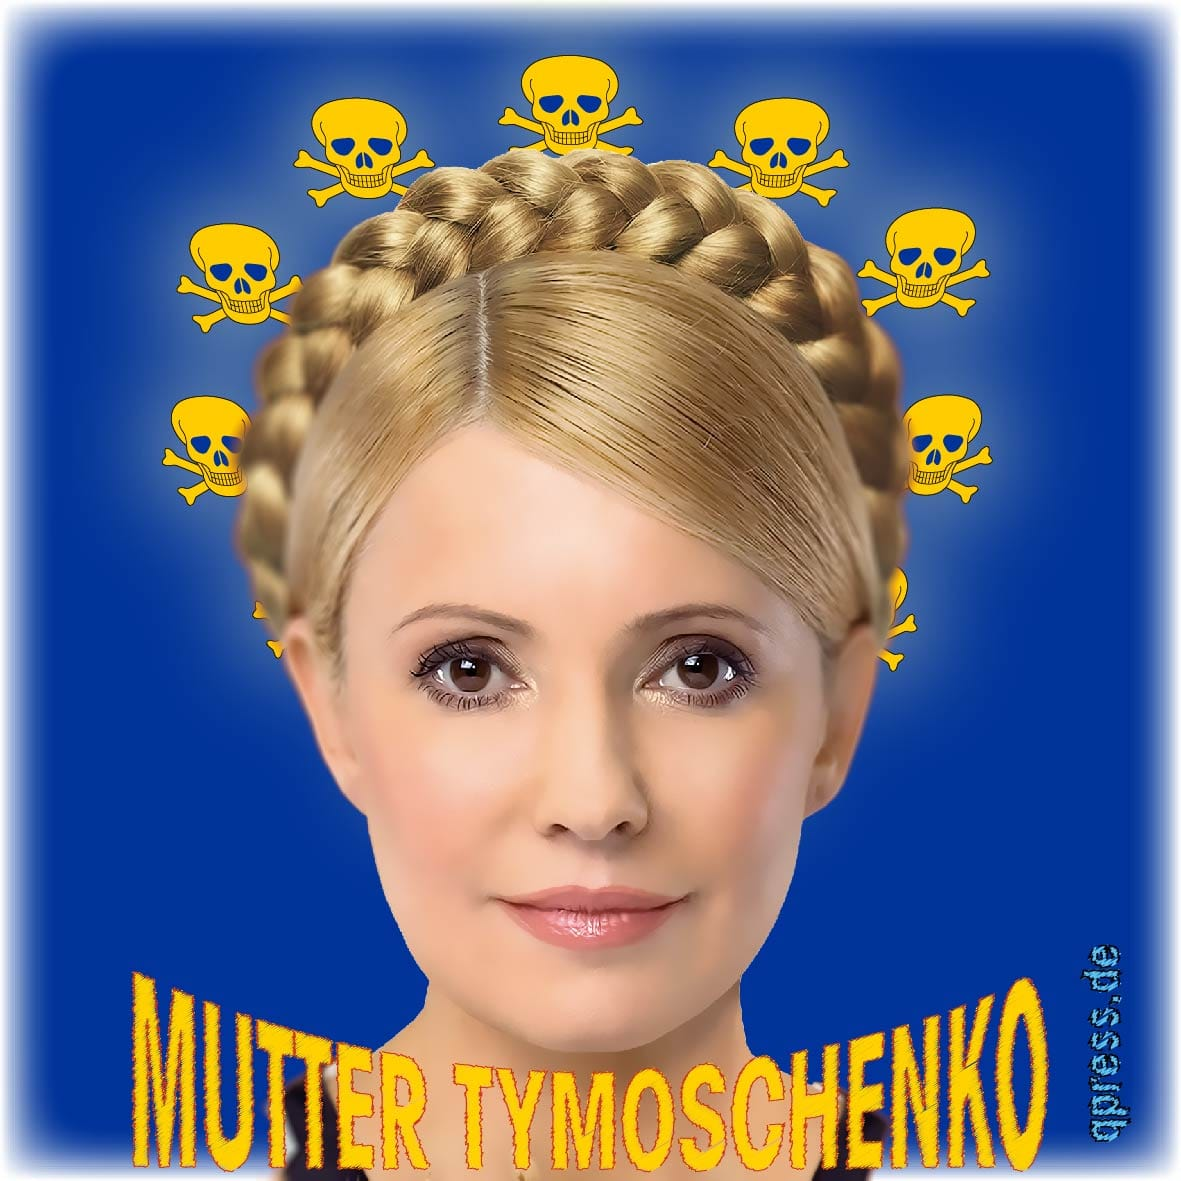 Julija Tymoschenko next EU Mum Mutter der EU-Volution-neues missbrauchtes Heldentum Ukraine qpress